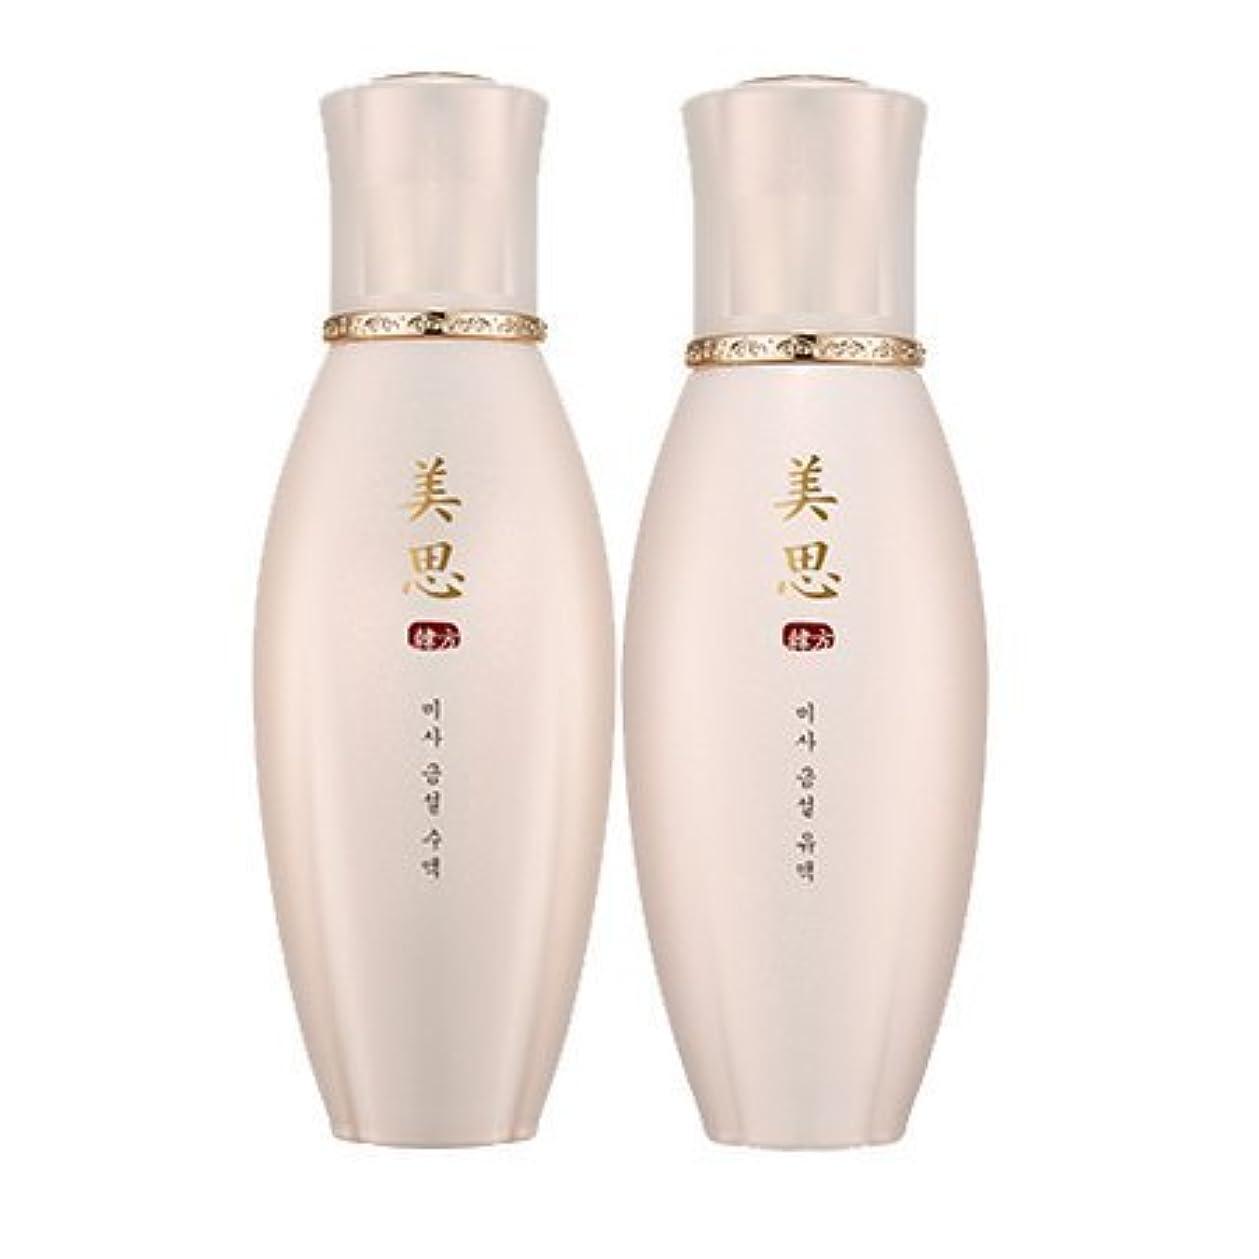 生活ピカソ橋MISSHA(ミシャ) 美思 韓方 クムソル(金雪) 基礎化粧品 スキンケア 化粧水+乳液=お得2種Set